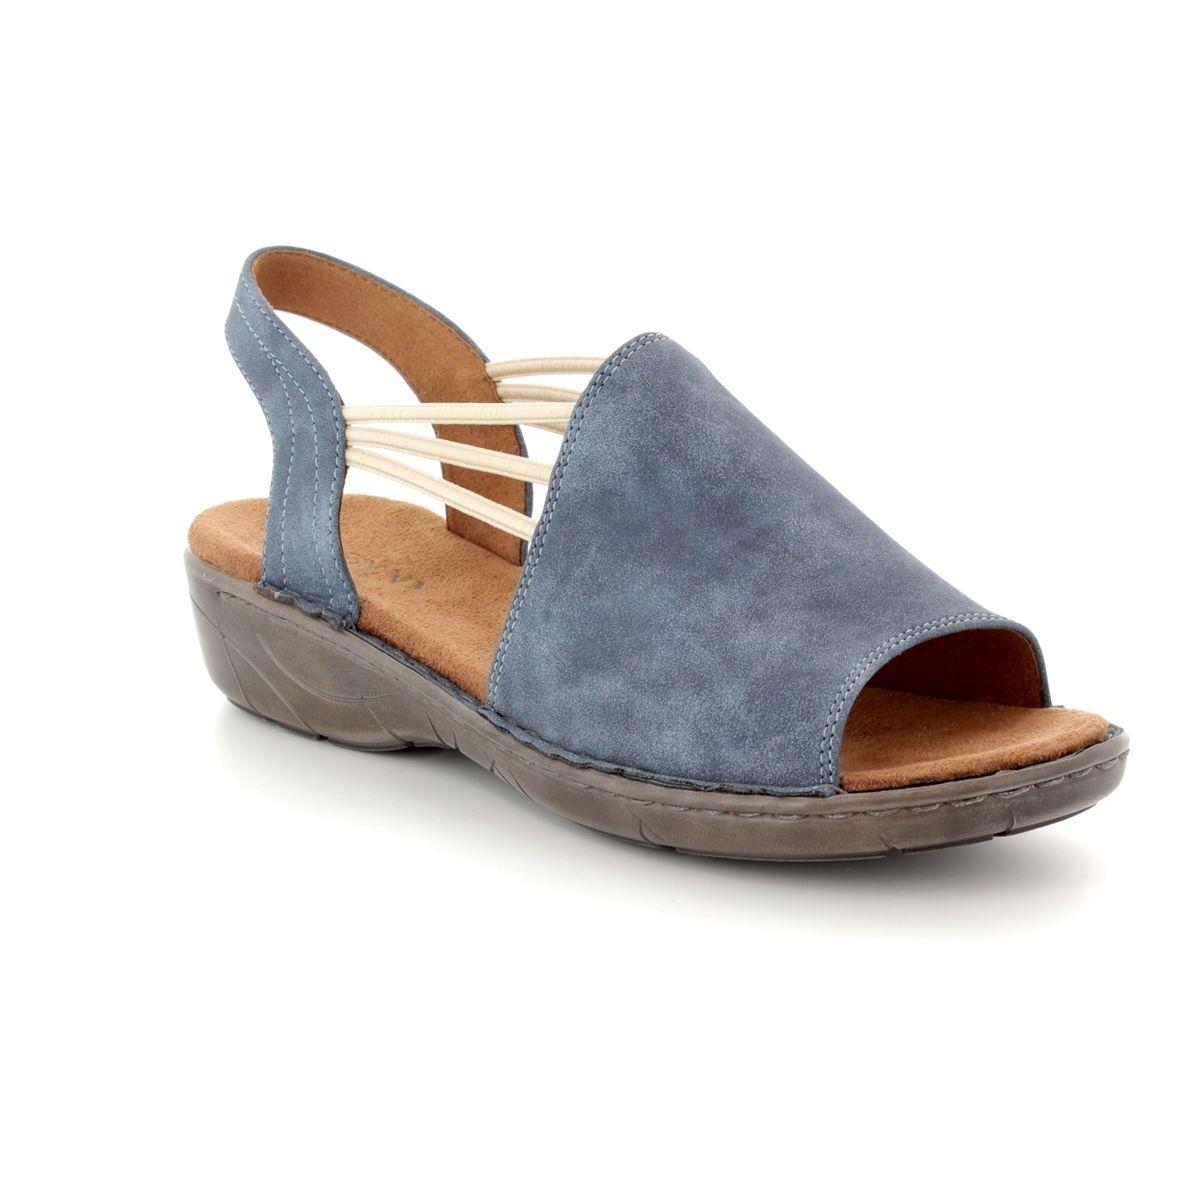 eb4dbd3faa9 Ara Sandals - Denim blue - 57283 93 KORSIKA 81